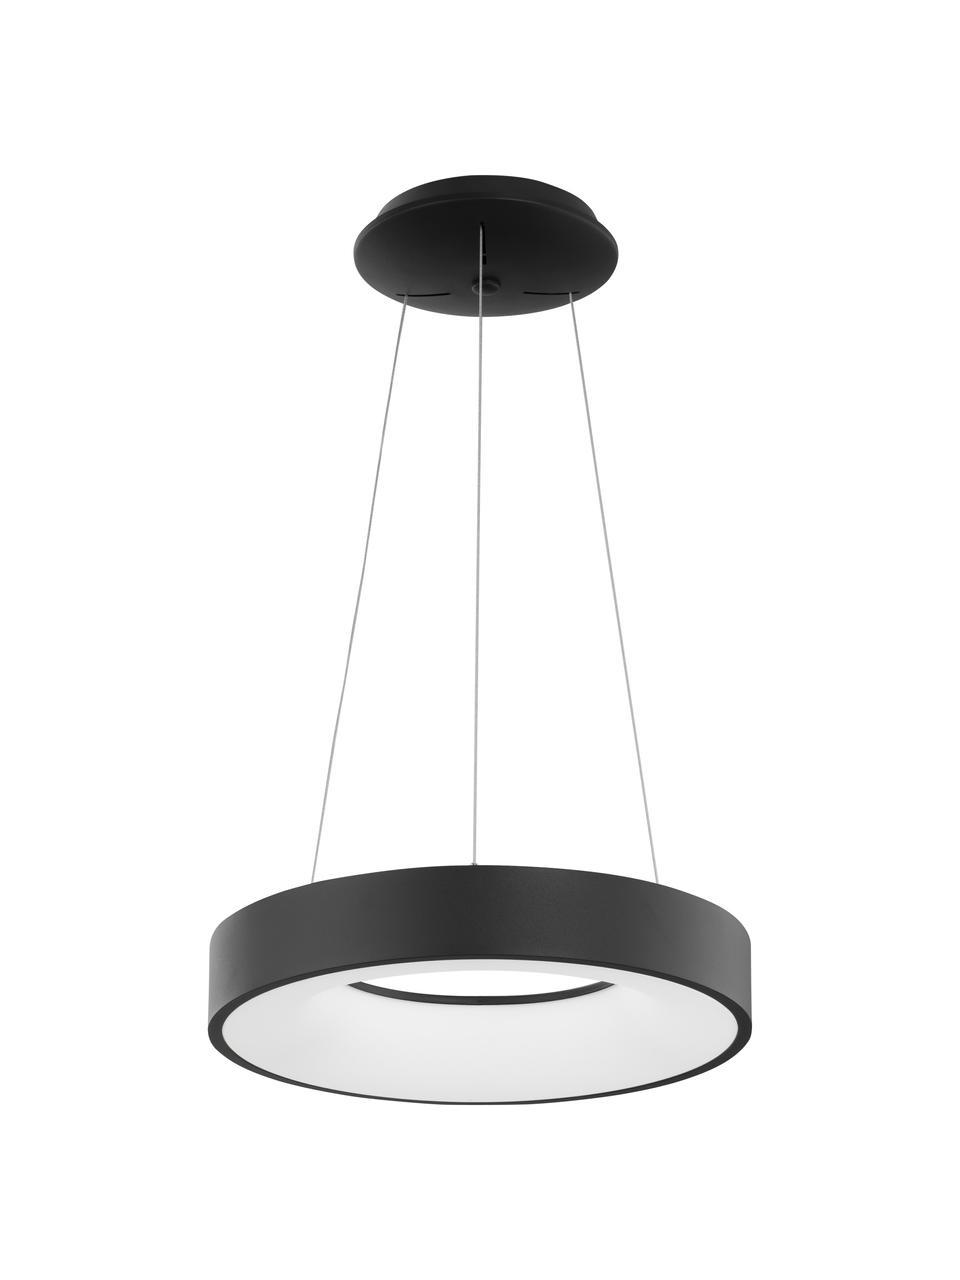 Dimmbare LED-Pendelleuchte Rando in Schwarz, Lampenschirm: Aluminium, beschichtet, Baldachin: Aluminium, beschichtet, Schwarz, Ø 60 x H 6 cm